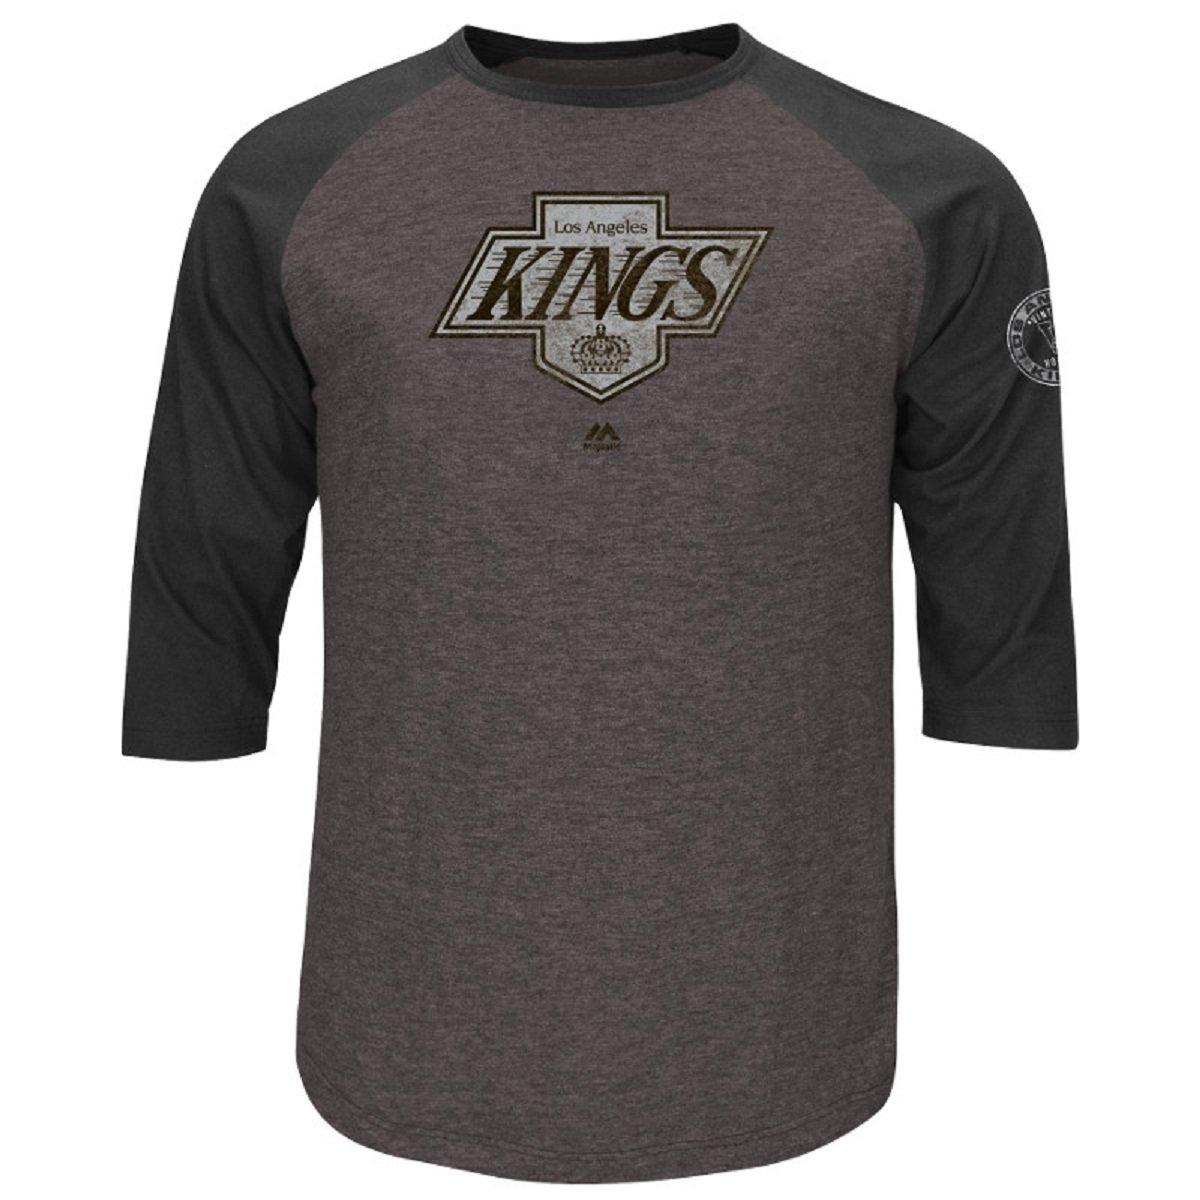 【受注生産品】 Los Angeles Kings L Ready to to GoヴィンテージラグラントライブレンドTシャツ( L B01CH6EQUE ) B01CH6EQUE, 神戸風月堂:c26bf154 --- a0267596.xsph.ru